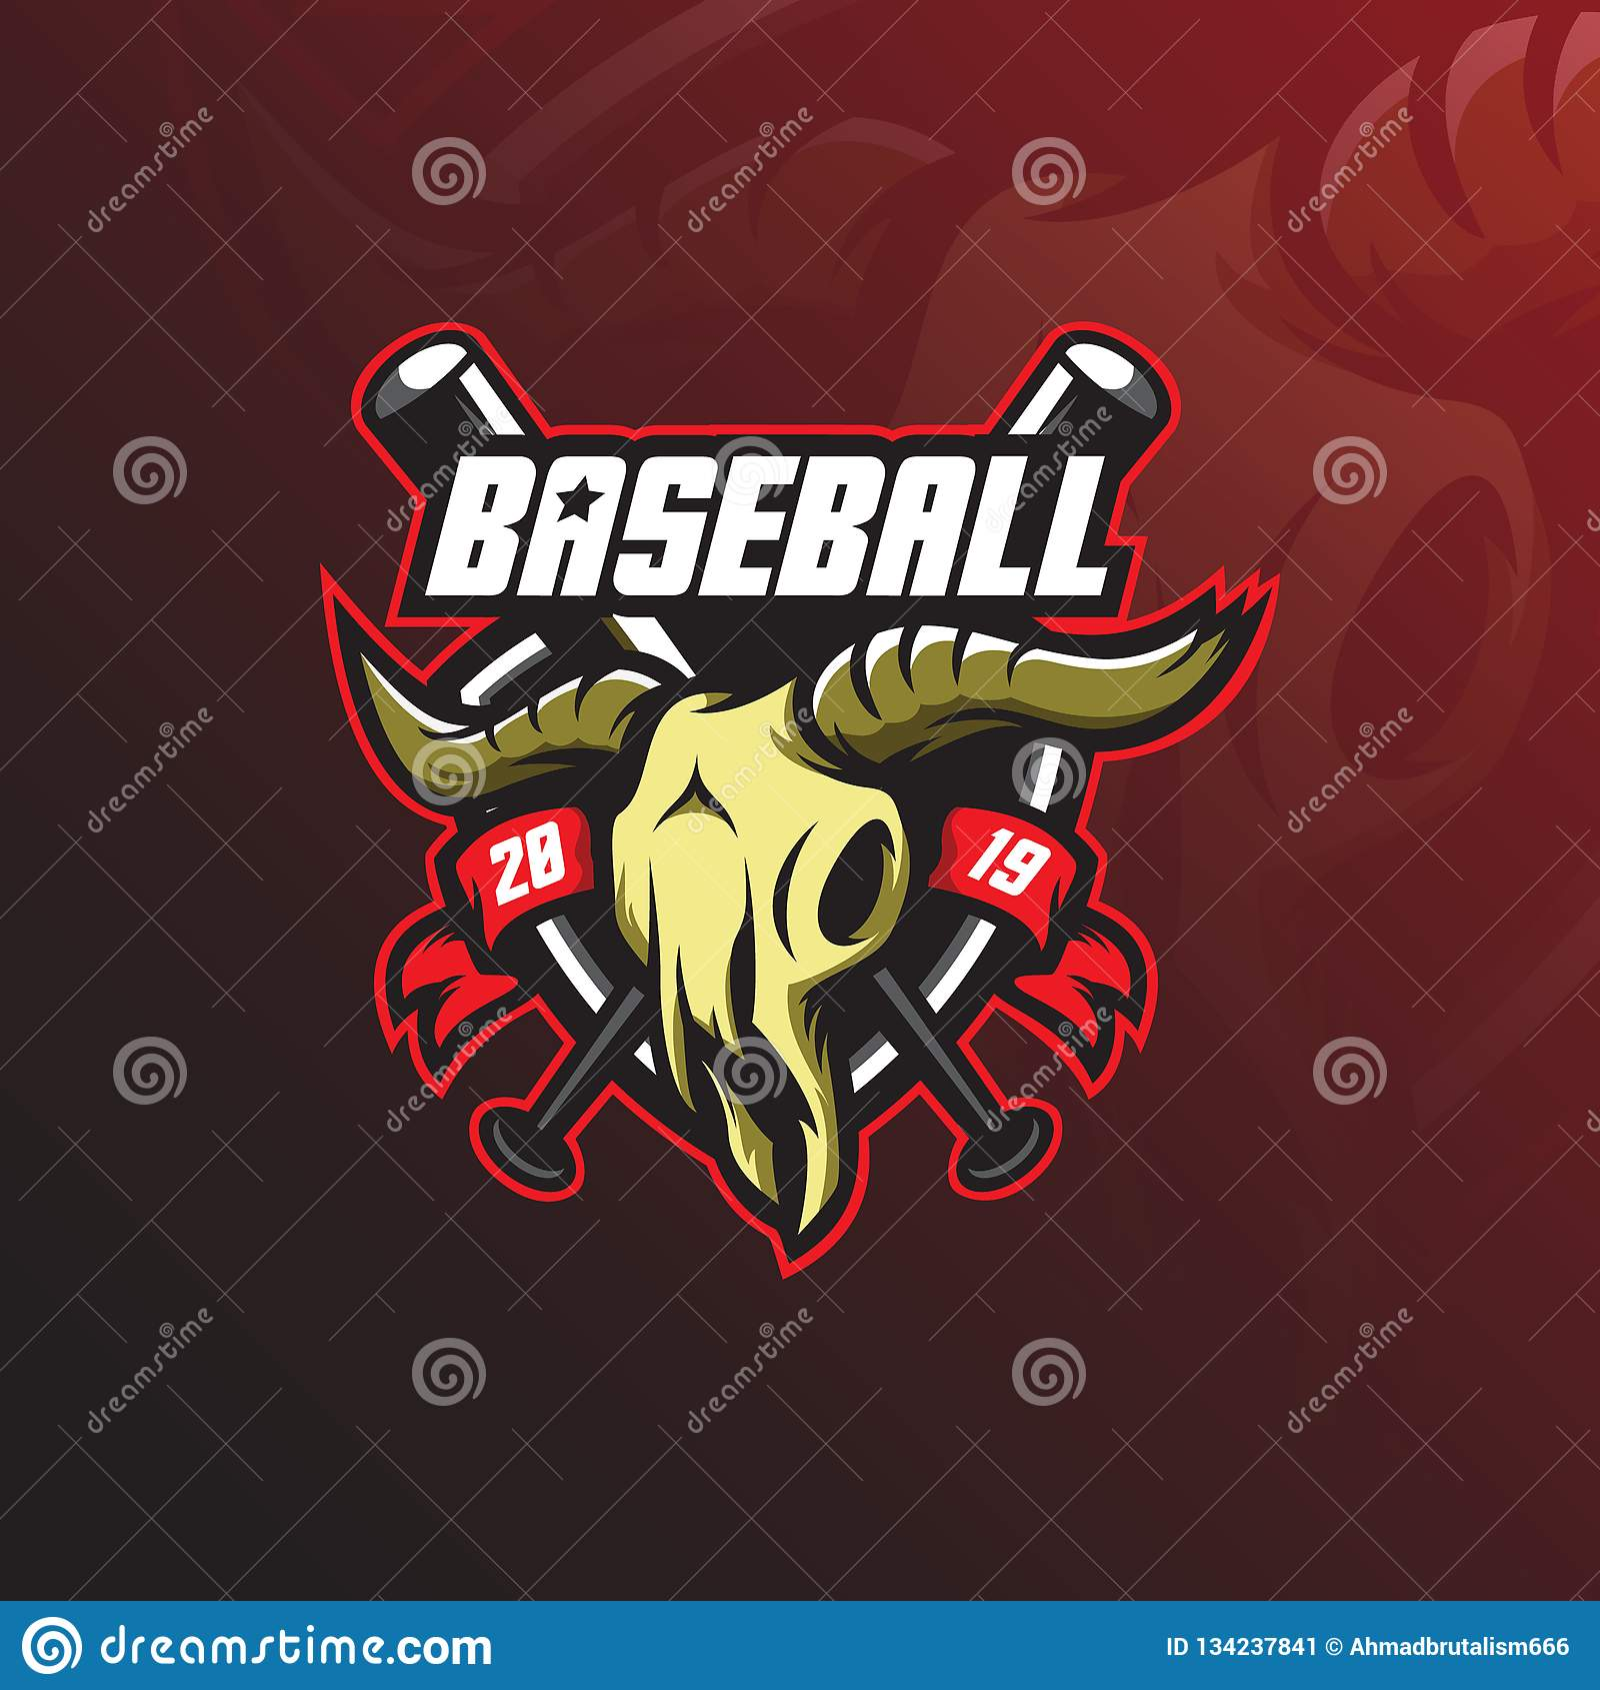 Baseballa logo maskotki projekta wektor z nowożytnym ilustracyjnym pojęcie stylem dla odznaki, emblemata i tshirt druku, baseball